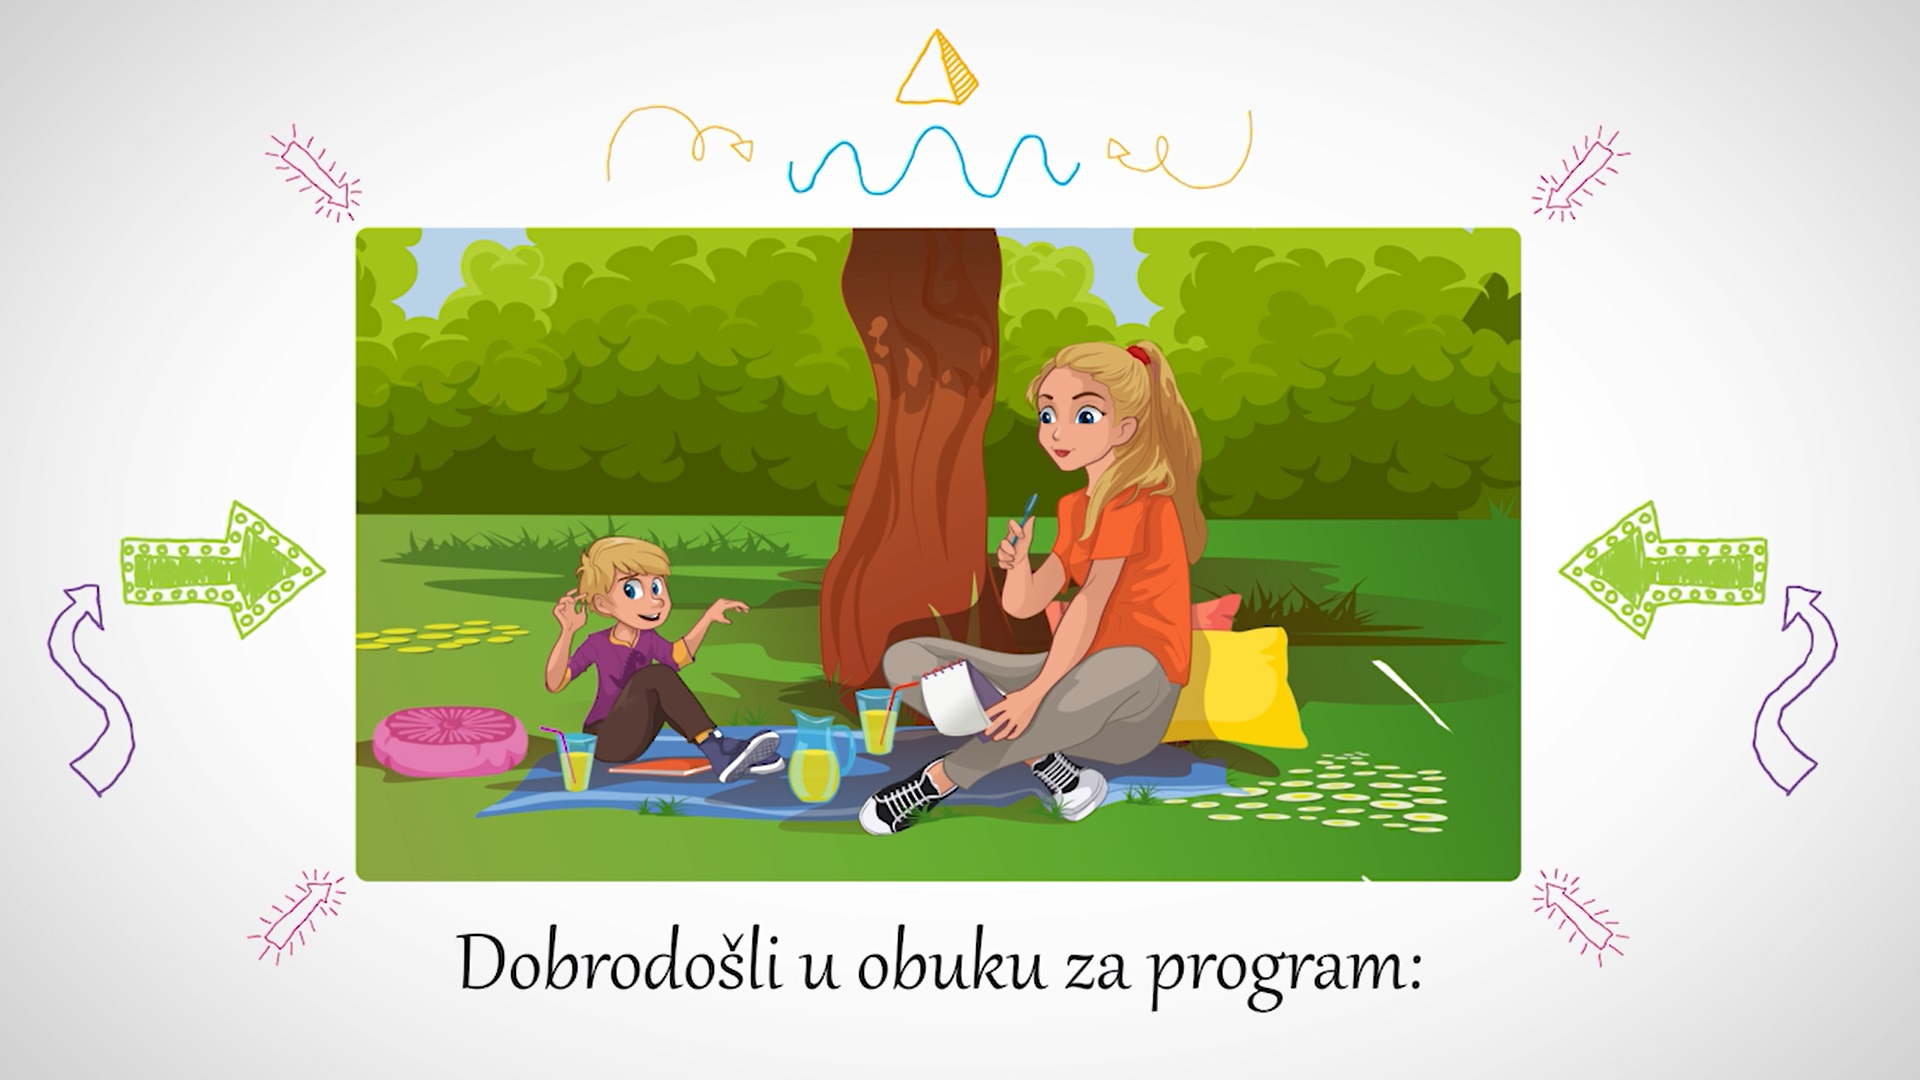 MODUL 1 - Na igri temeljena iskustva učenja u ranom detinjstvu